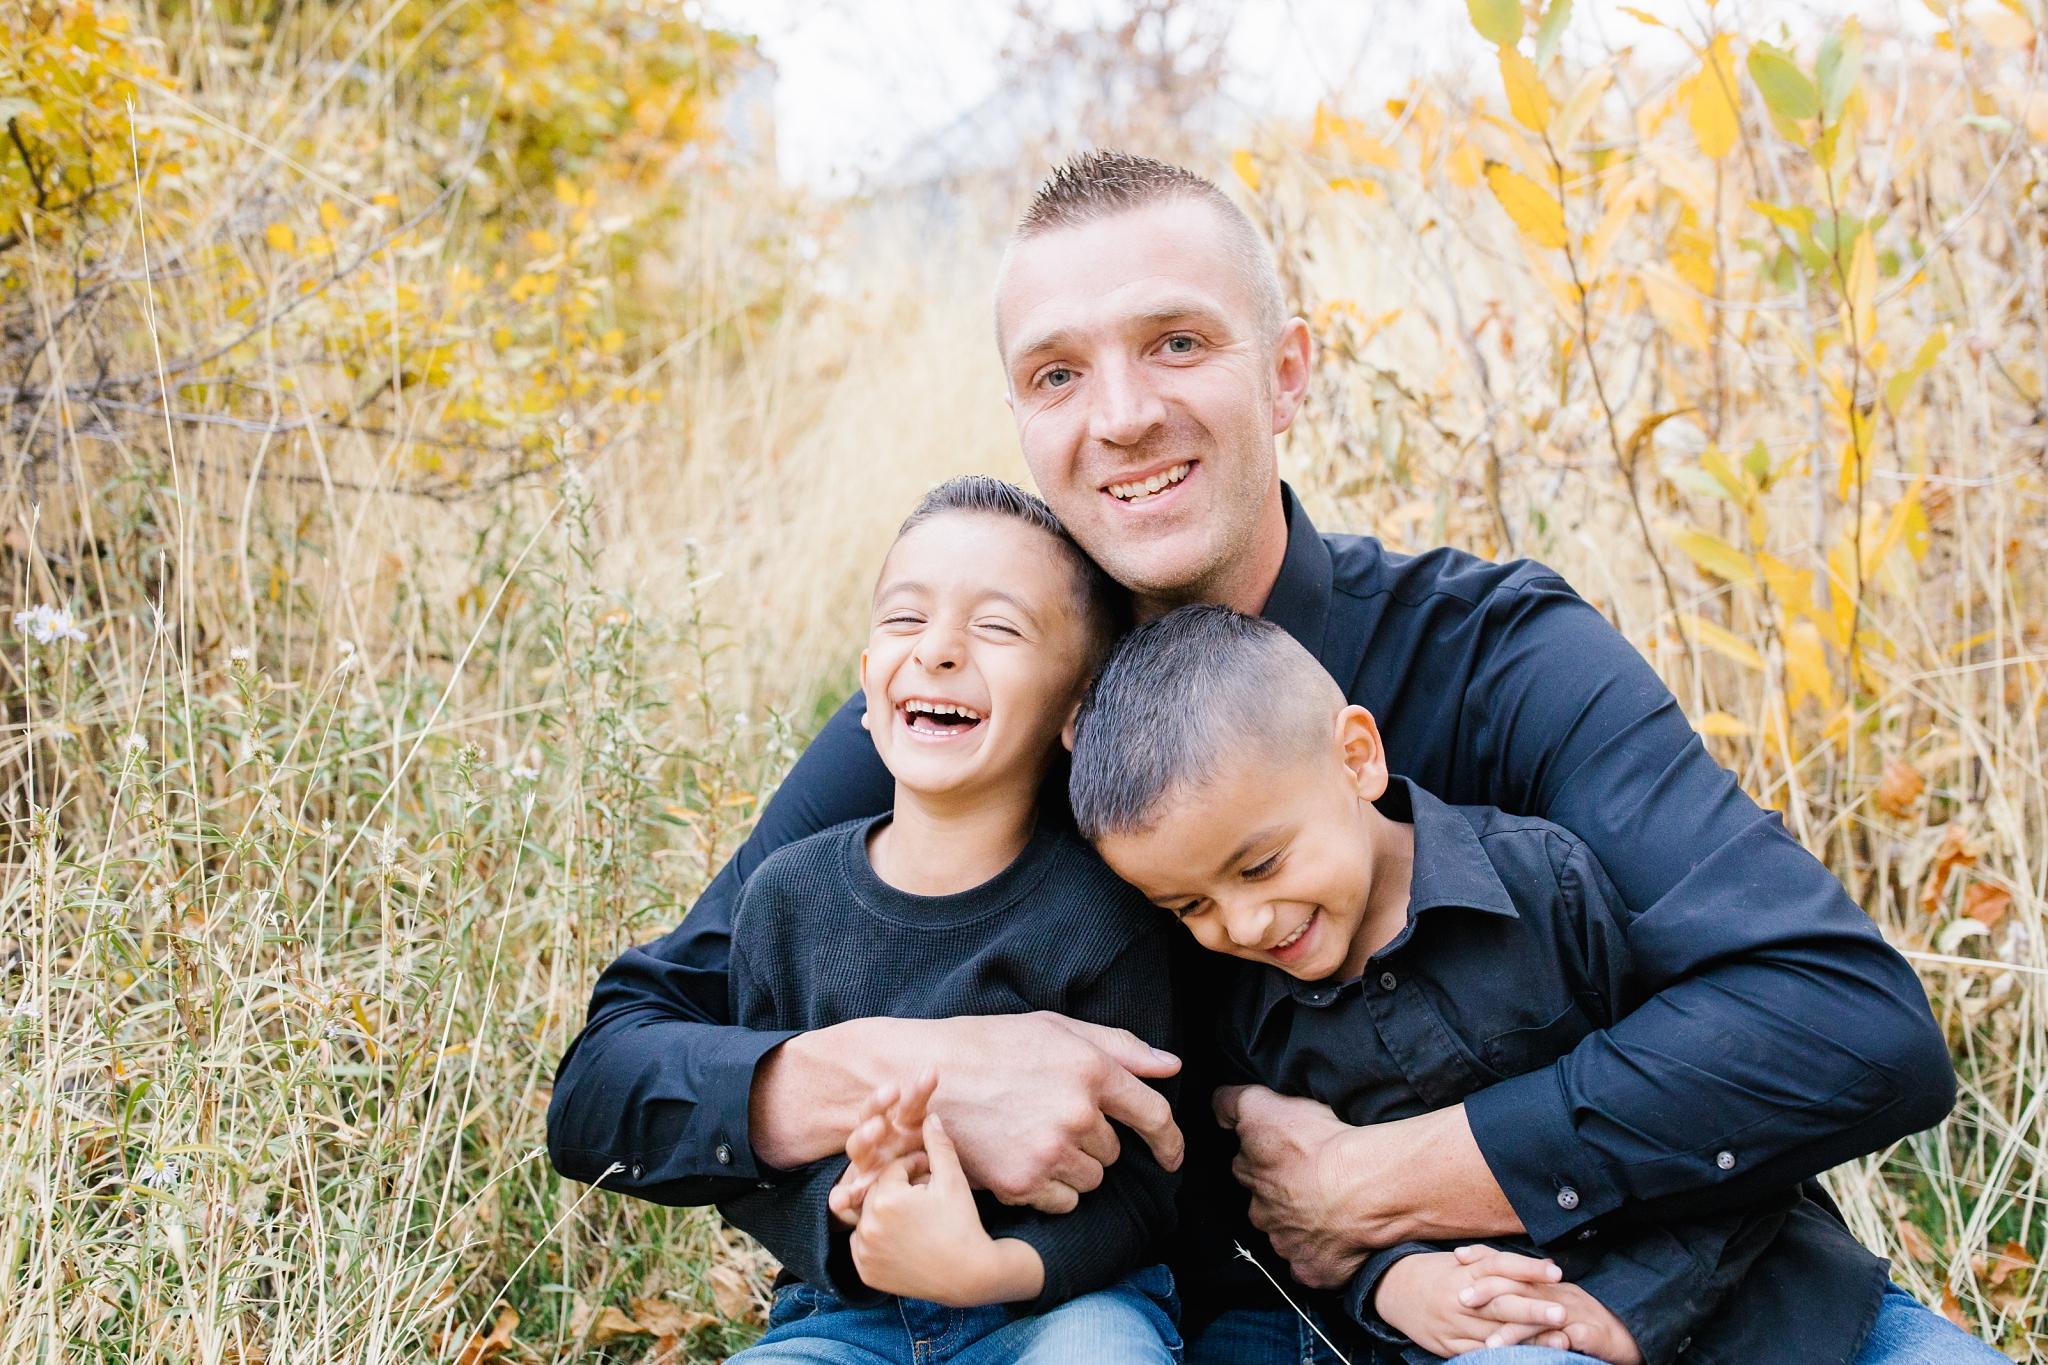 Tischner-100_Lizzie-B-Imagery-Utah-Family-Photographer-Park-City-Salt-Lake-City-Nephi-Utah.jpg